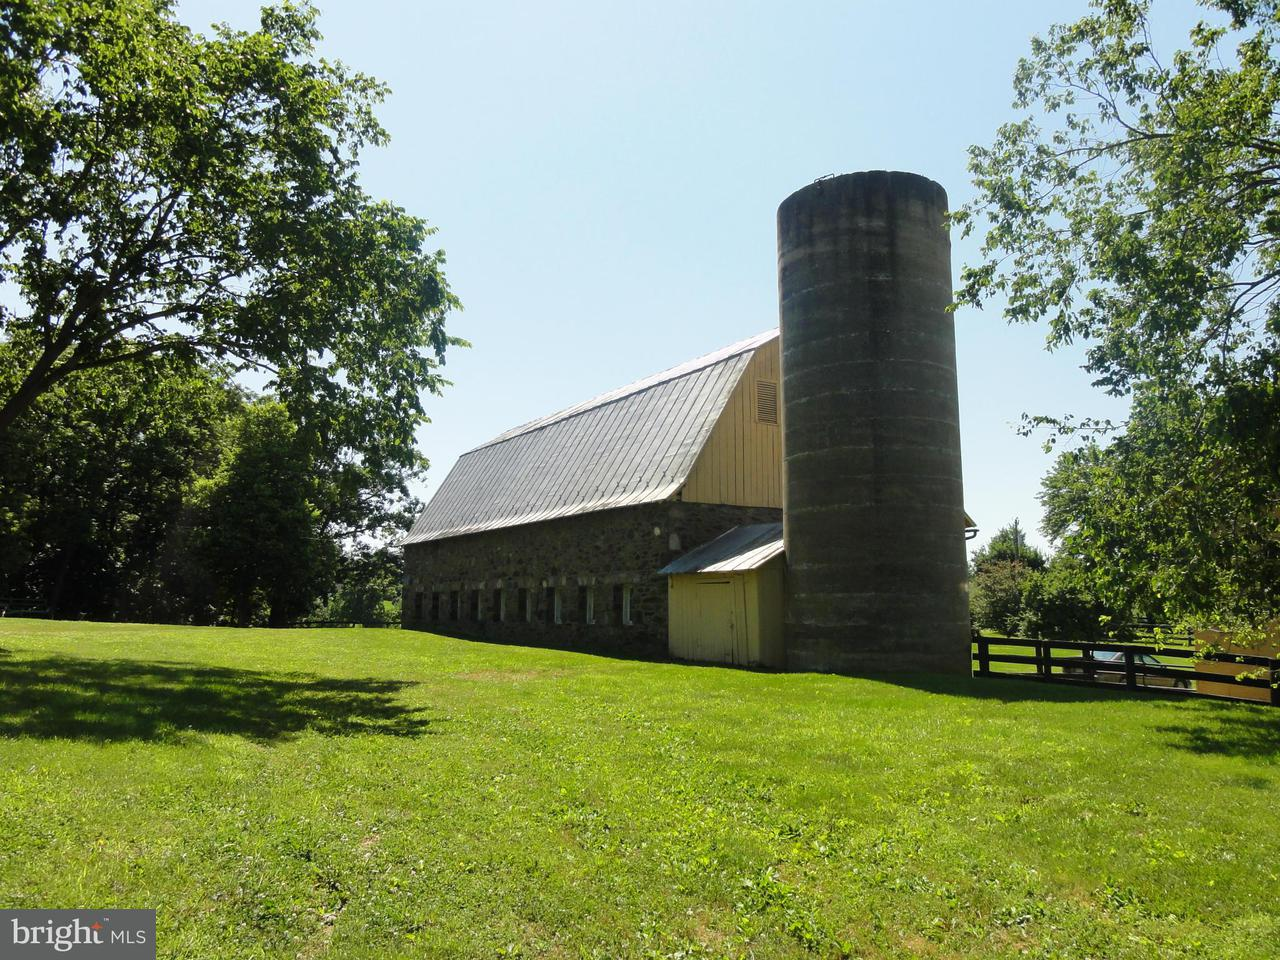 Φάρμα για την Πώληση στο 17864 SILCOTT SPRINGS Road 17864 SILCOTT SPRINGS Road Purcellville, Βιρτζινια 20132 Ηνωμενεσ Πολιτειεσ